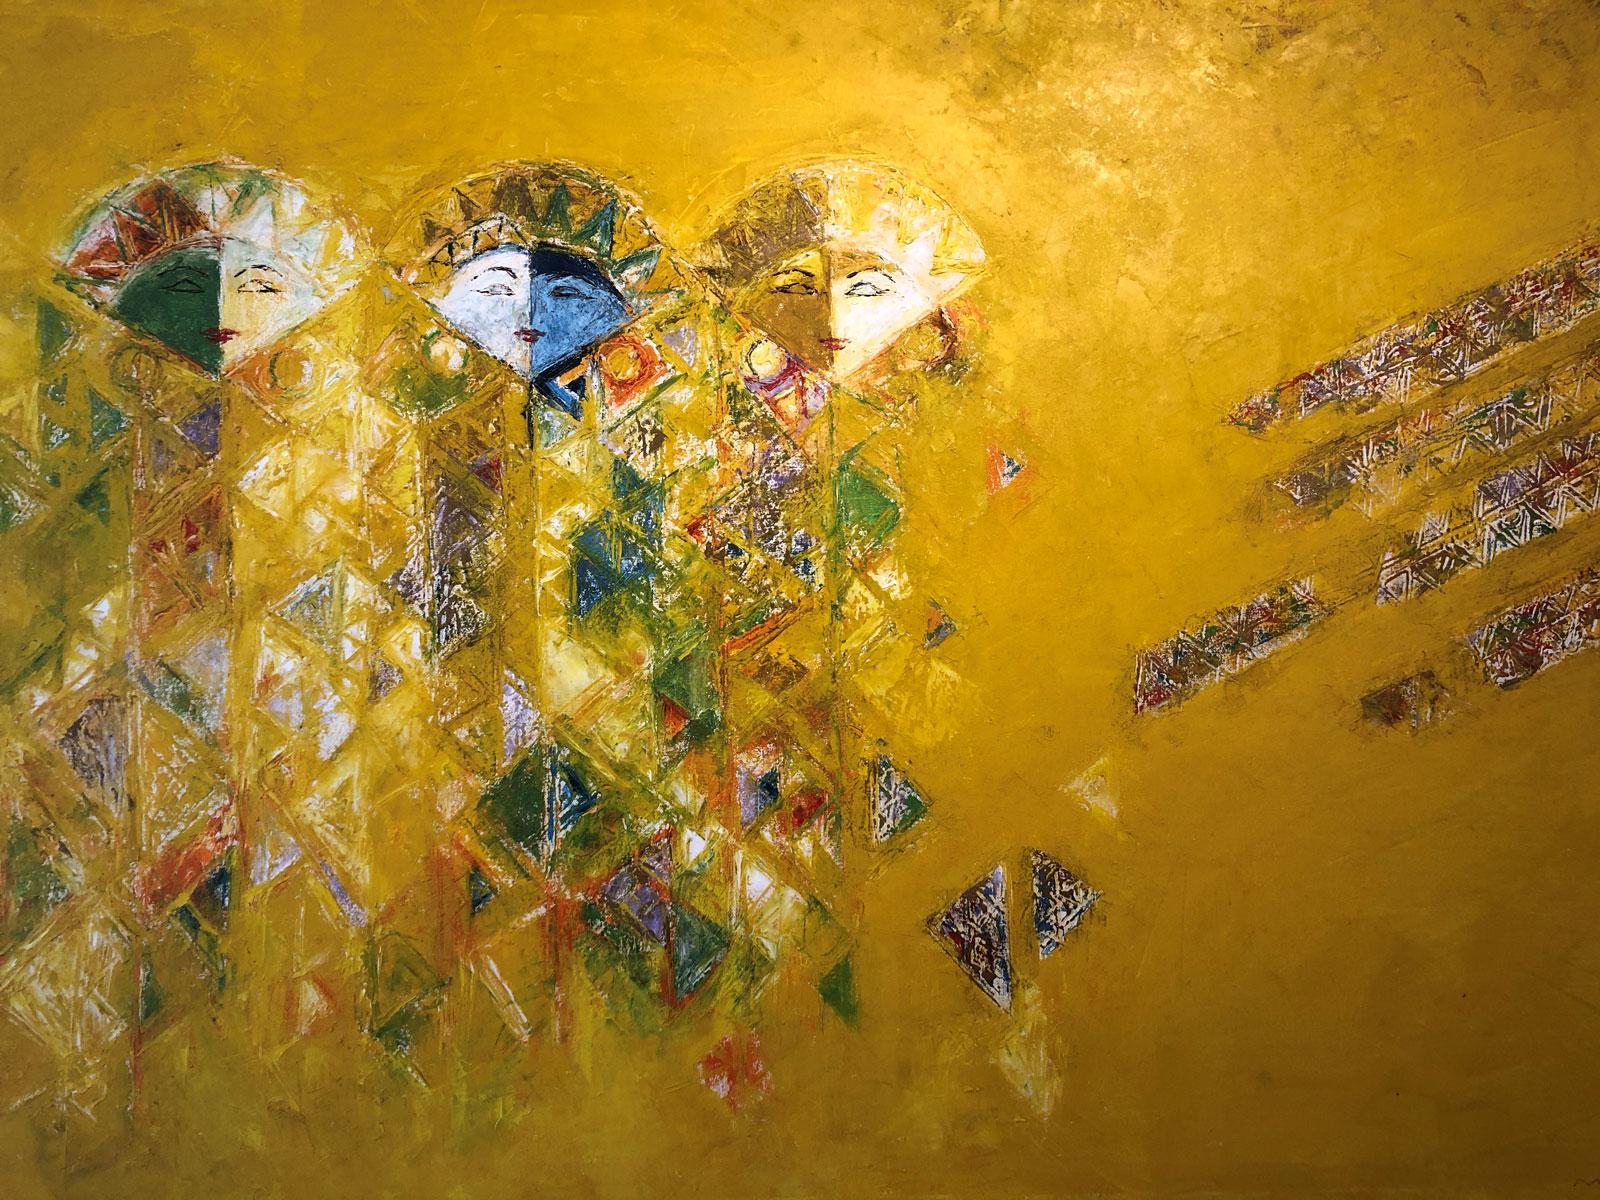 blog indonesische schilderkunst in de winkel van rama tours holland 4